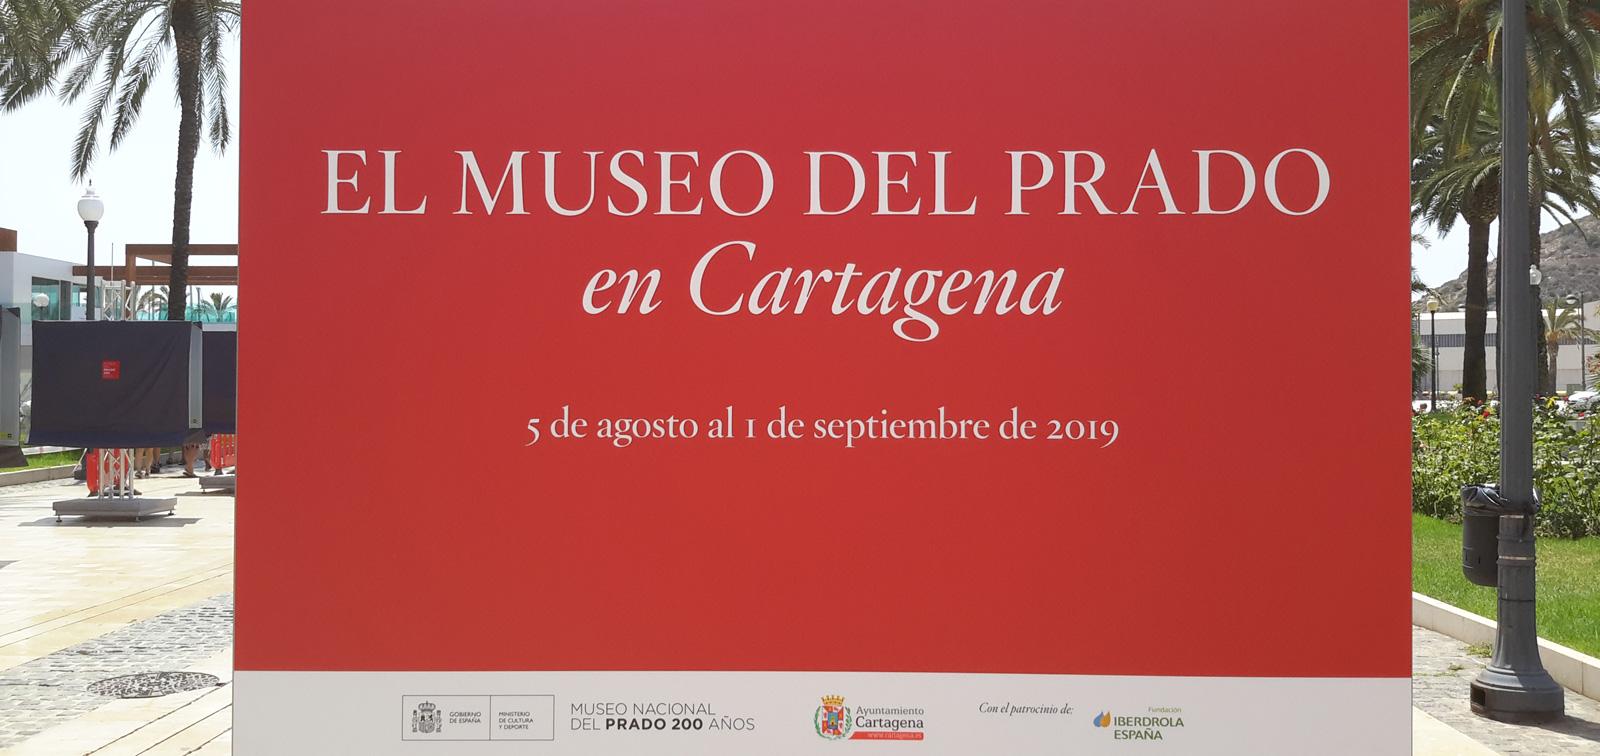 Exposición didáctica: El Museo del Prado en Cartagena